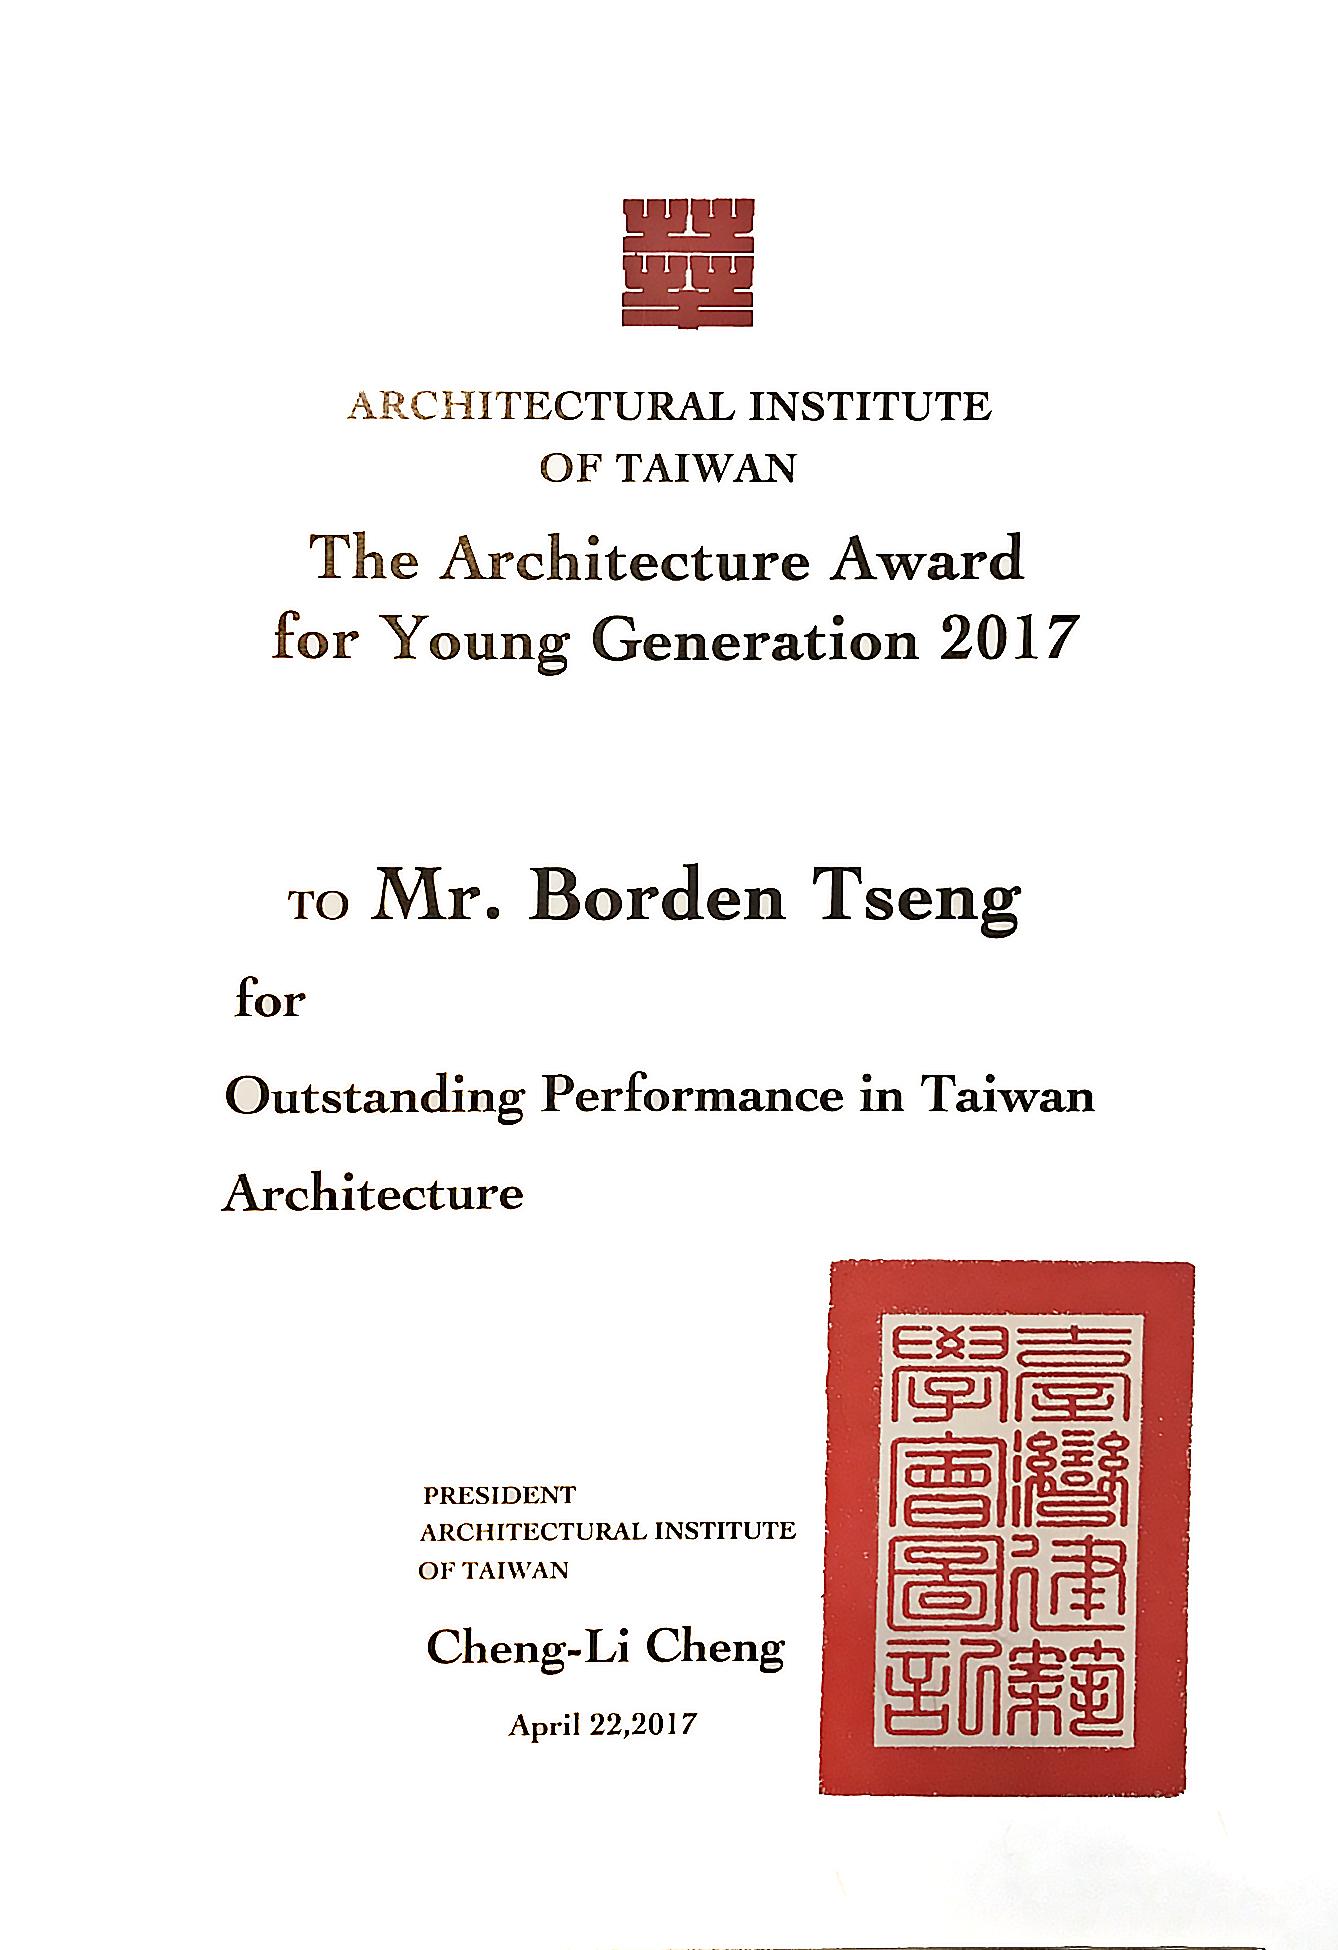 2017-04-22-青年建築師獎_170629_0003.jpg